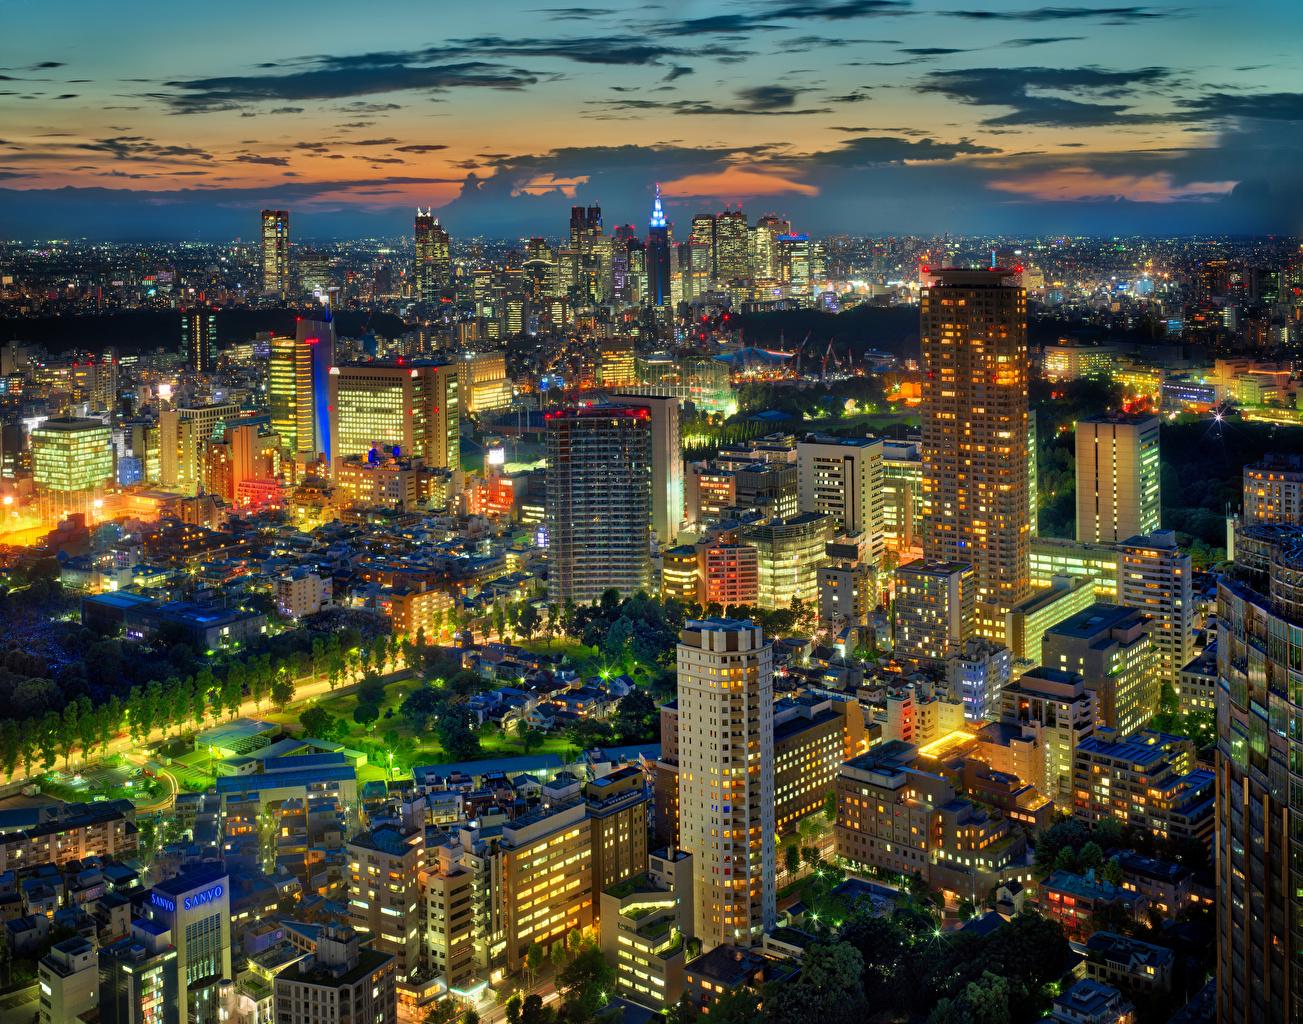 、日本、東京都、住宅、超高層建築物、メガロポリス、夜、建物、都市